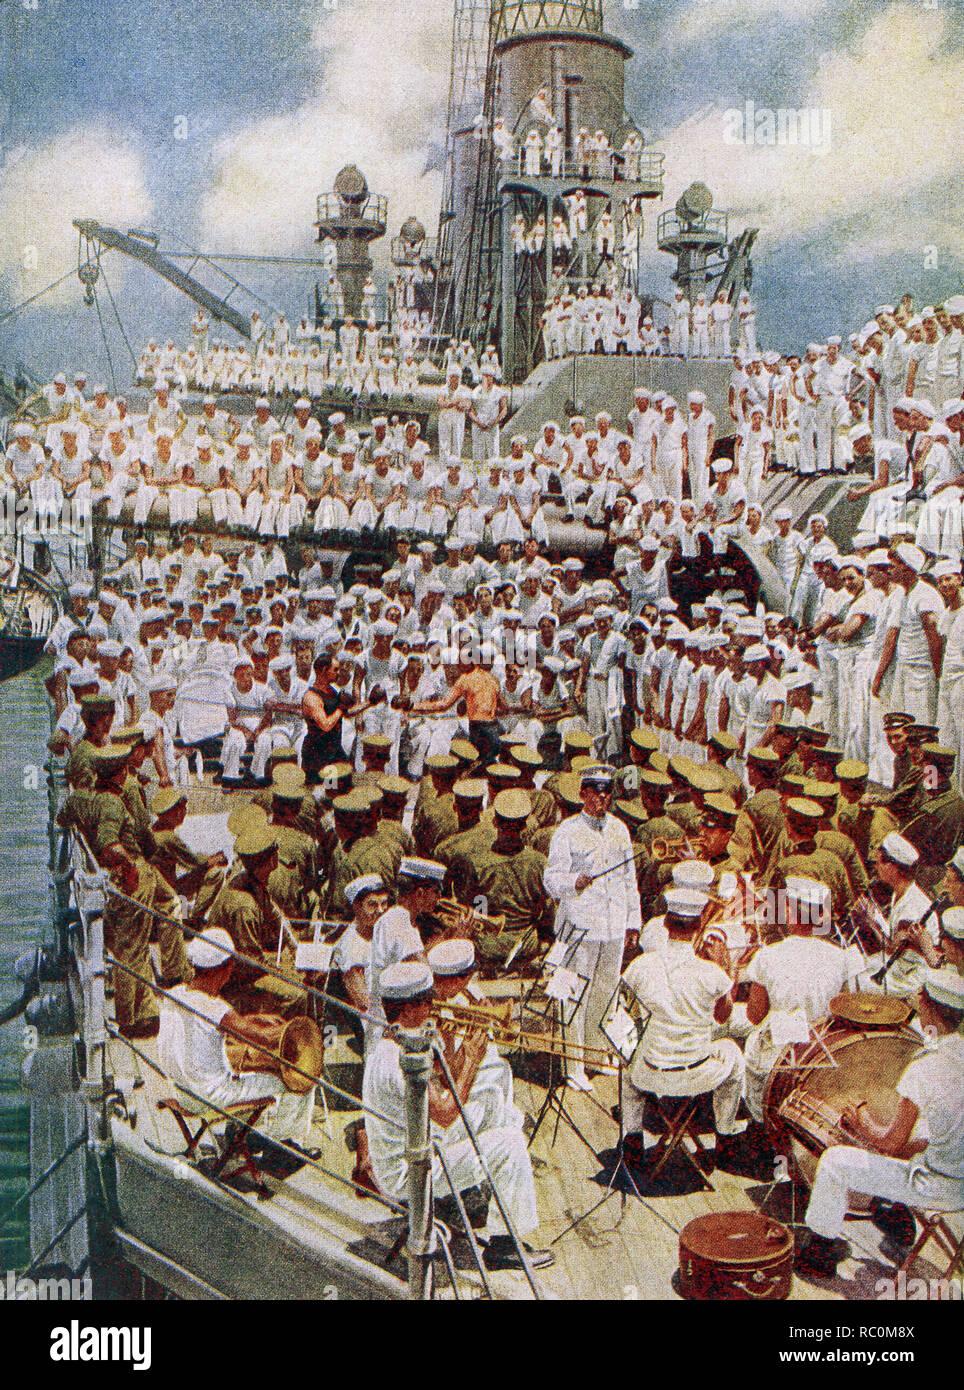 """La didascalia recita: """"Pack il vostro problema nella tua vecchia borsa del mare. Tutto lavoro e niente divertimento non è stato consentito di fare il marinaio americano un ragazzo sordo."""" L'immagine risale al 1922 e mostra i militari americani su un supporto in mare nella guerra mondiale I. In primo piano una banda con un conduttore. Al centro è un boxing abbinati guardato da un certo numero di marinai. Gli altri sono più marinai e equipaggio guardare gli eventi. Immagini Stock"""